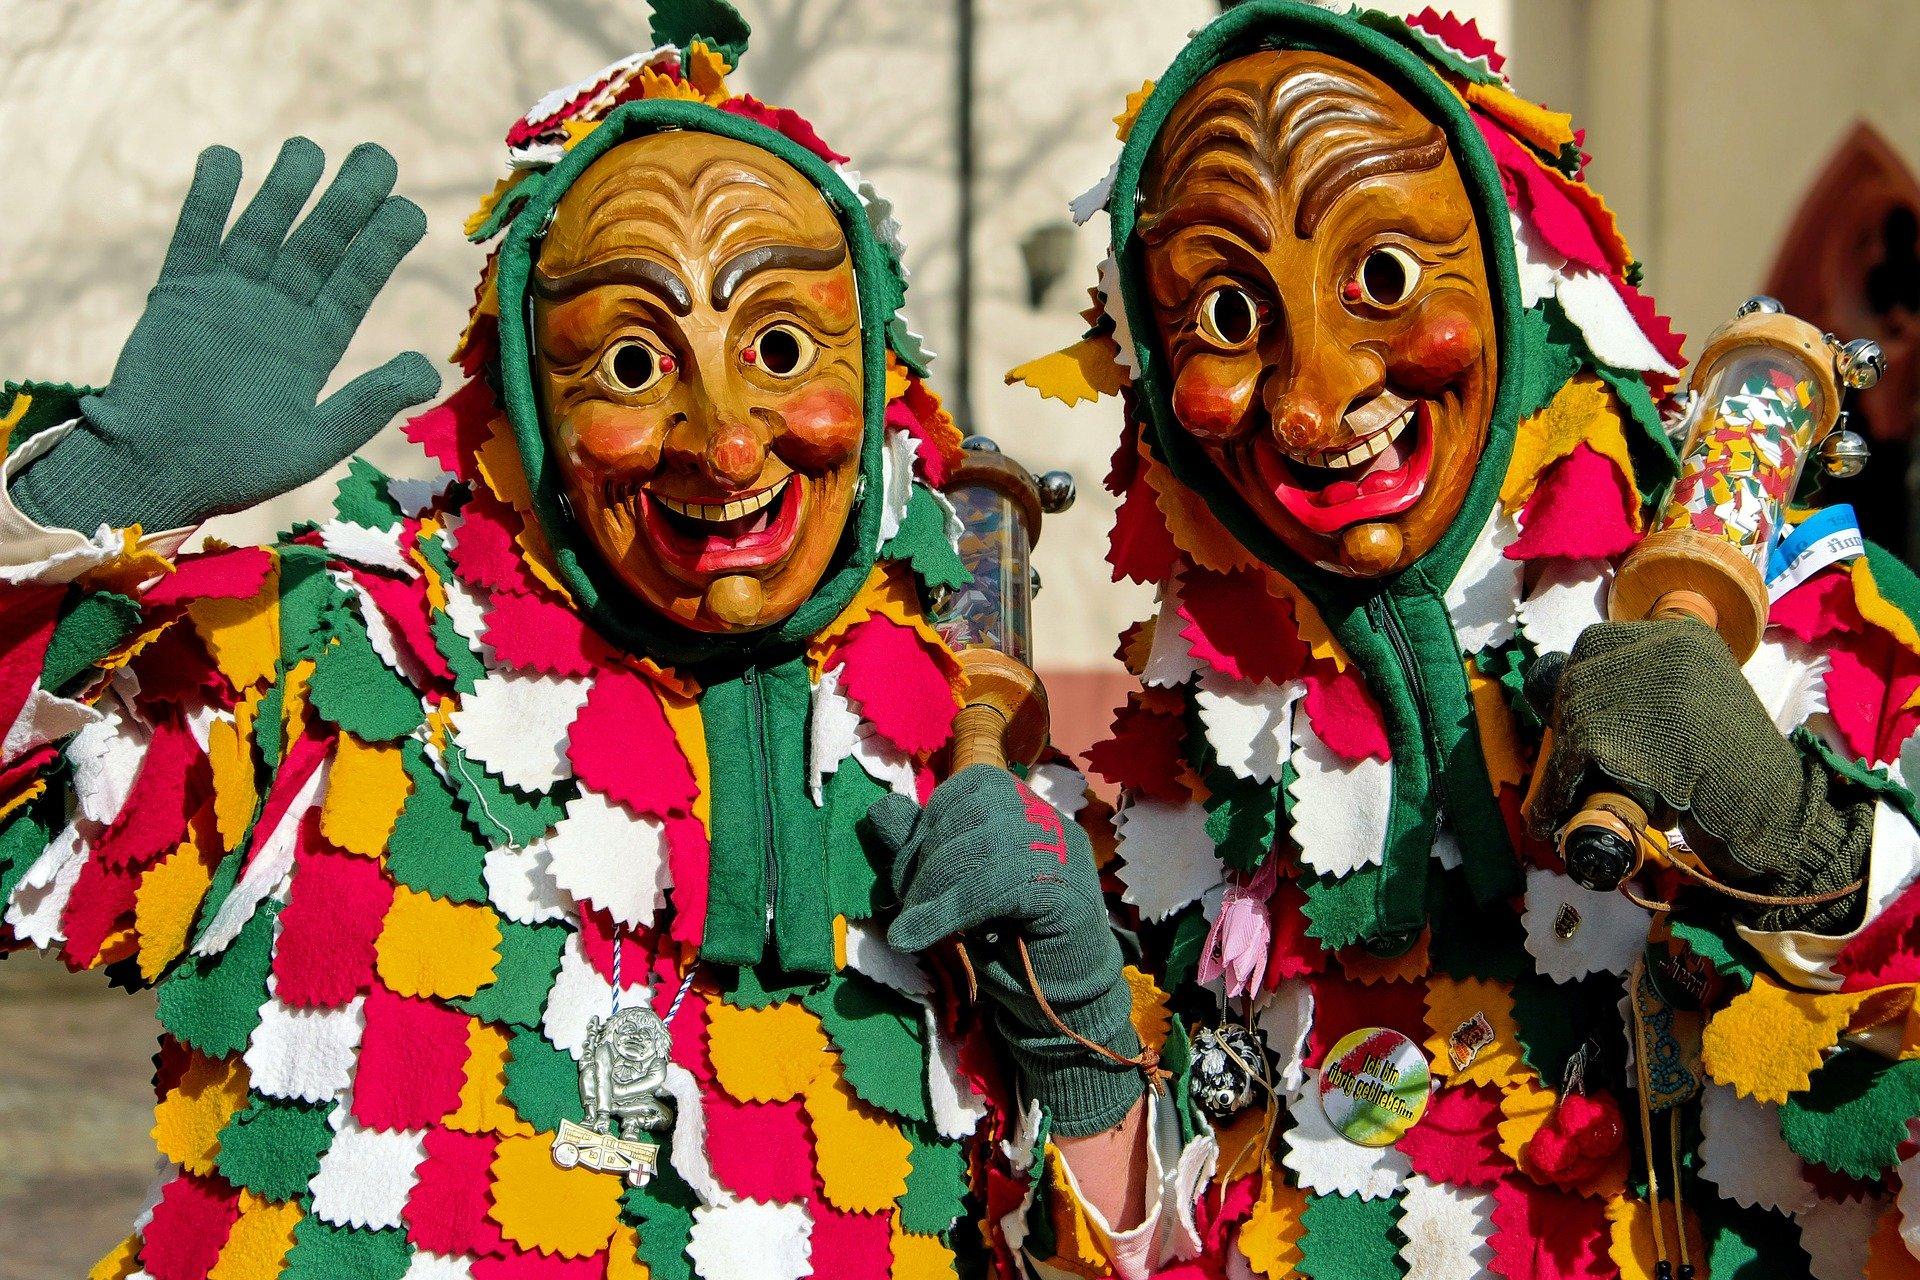 El ritual de disfrazarse es propio del Carnaval.